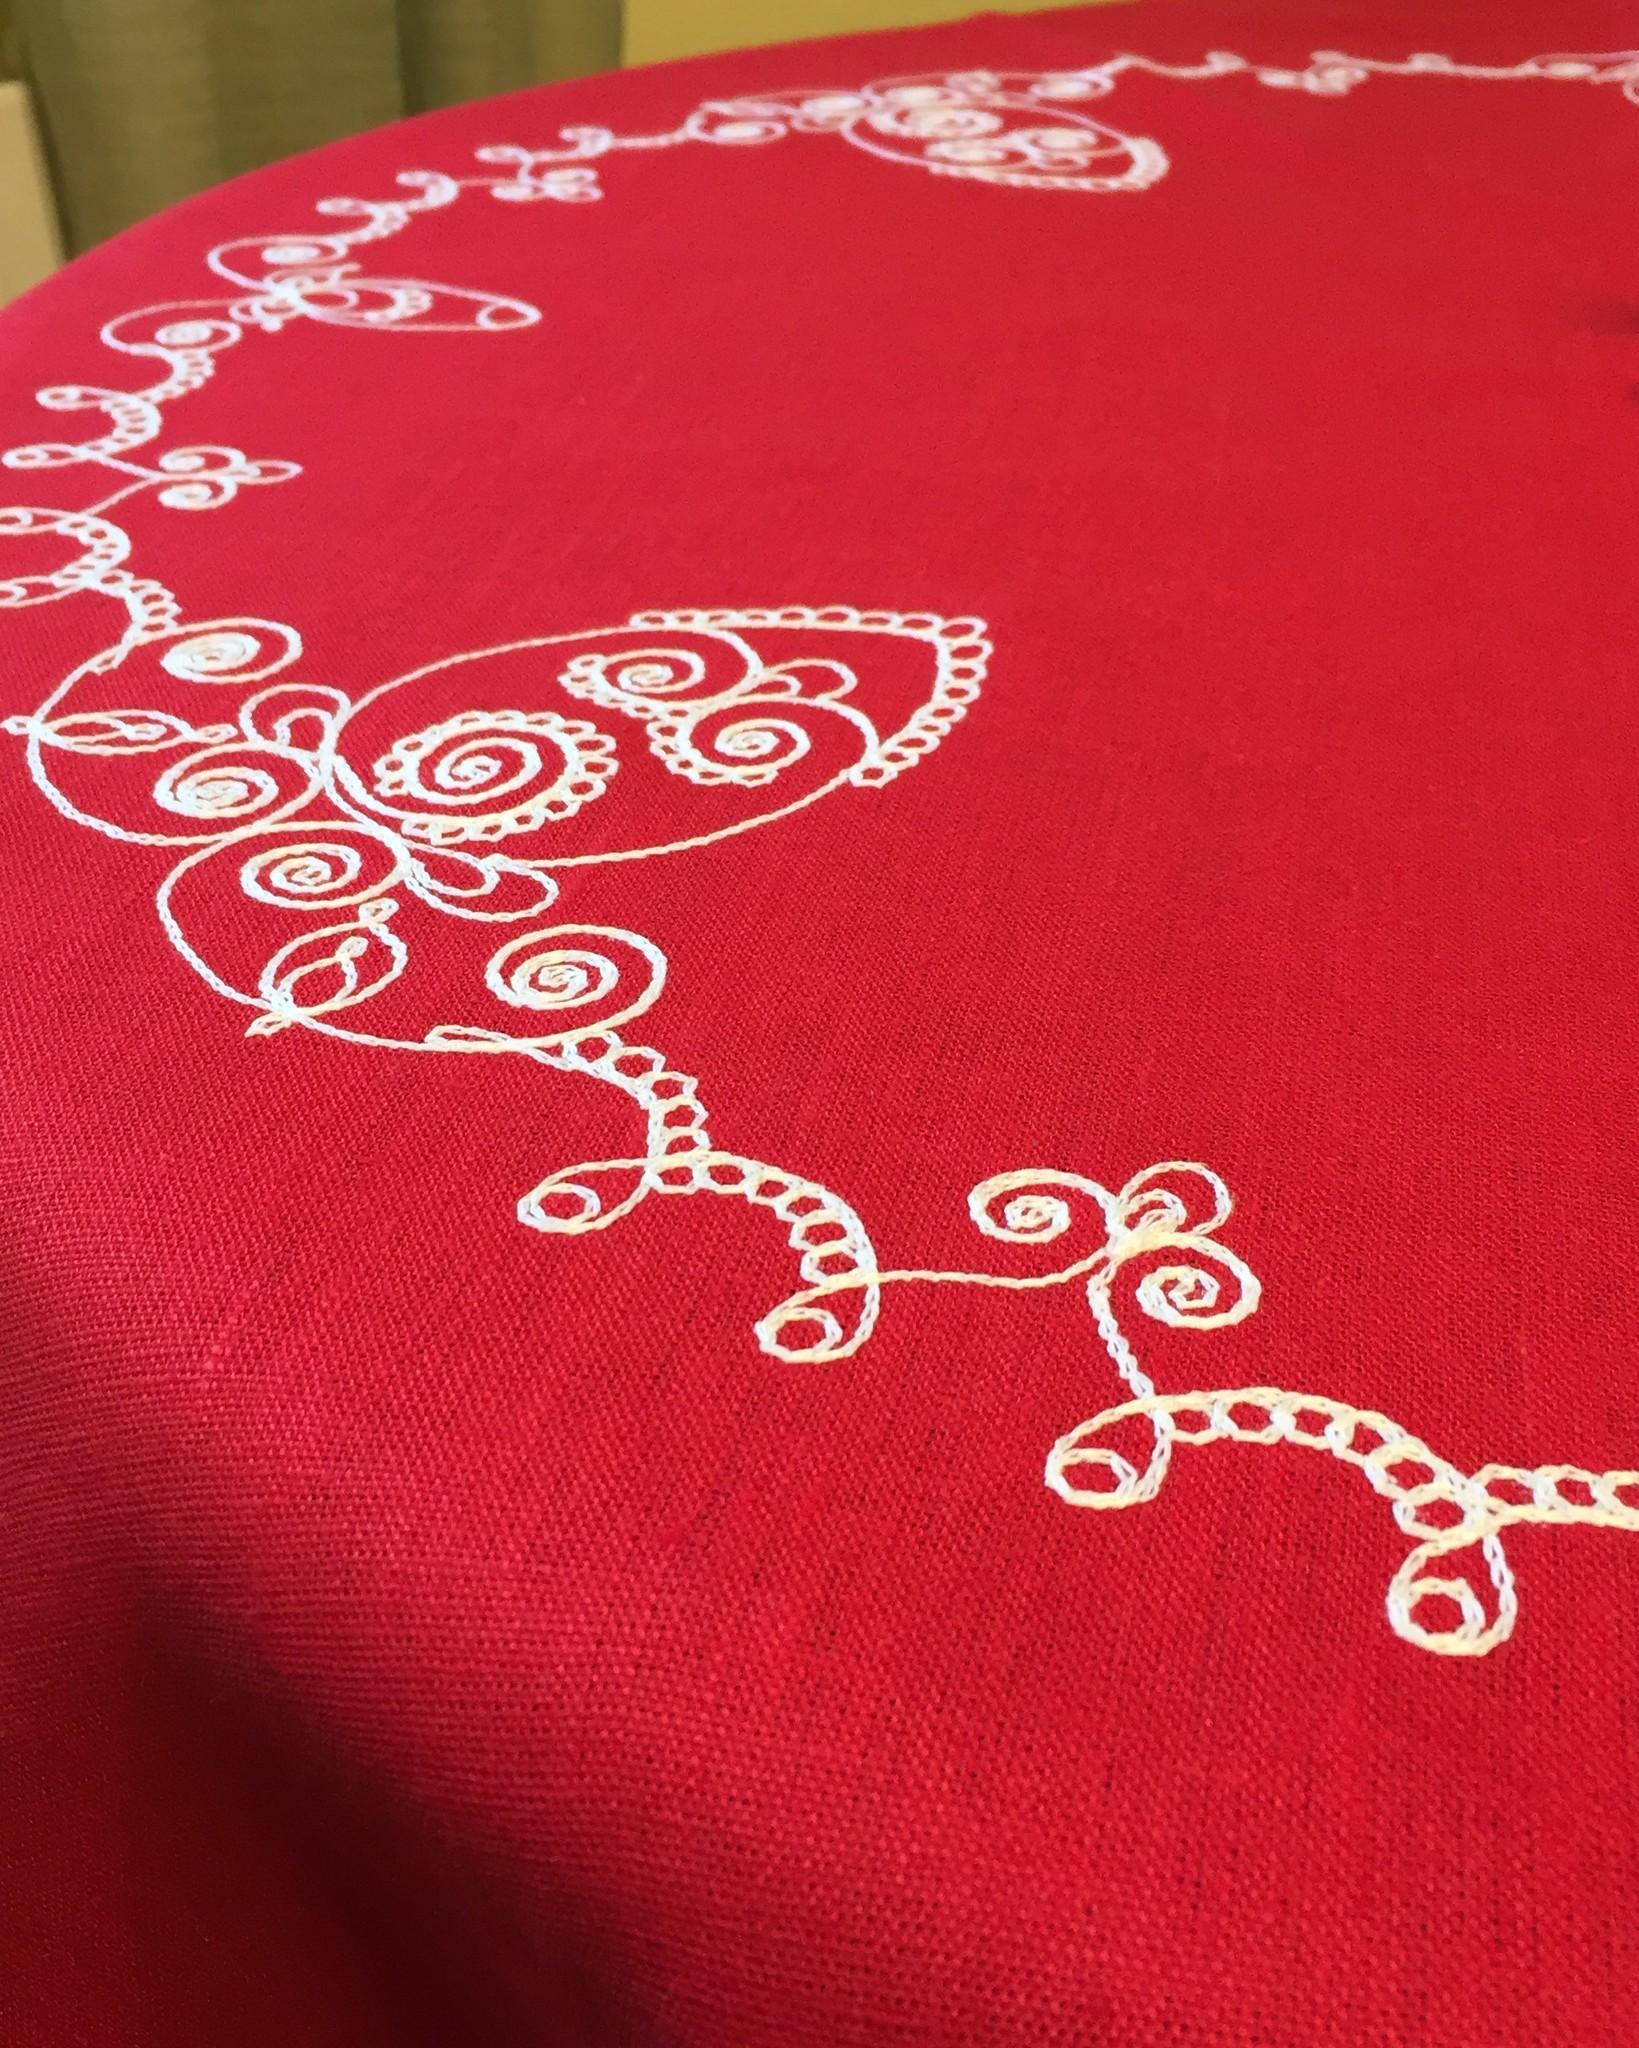 Скатерть круглая пасхальная с вышивкой и кружевом